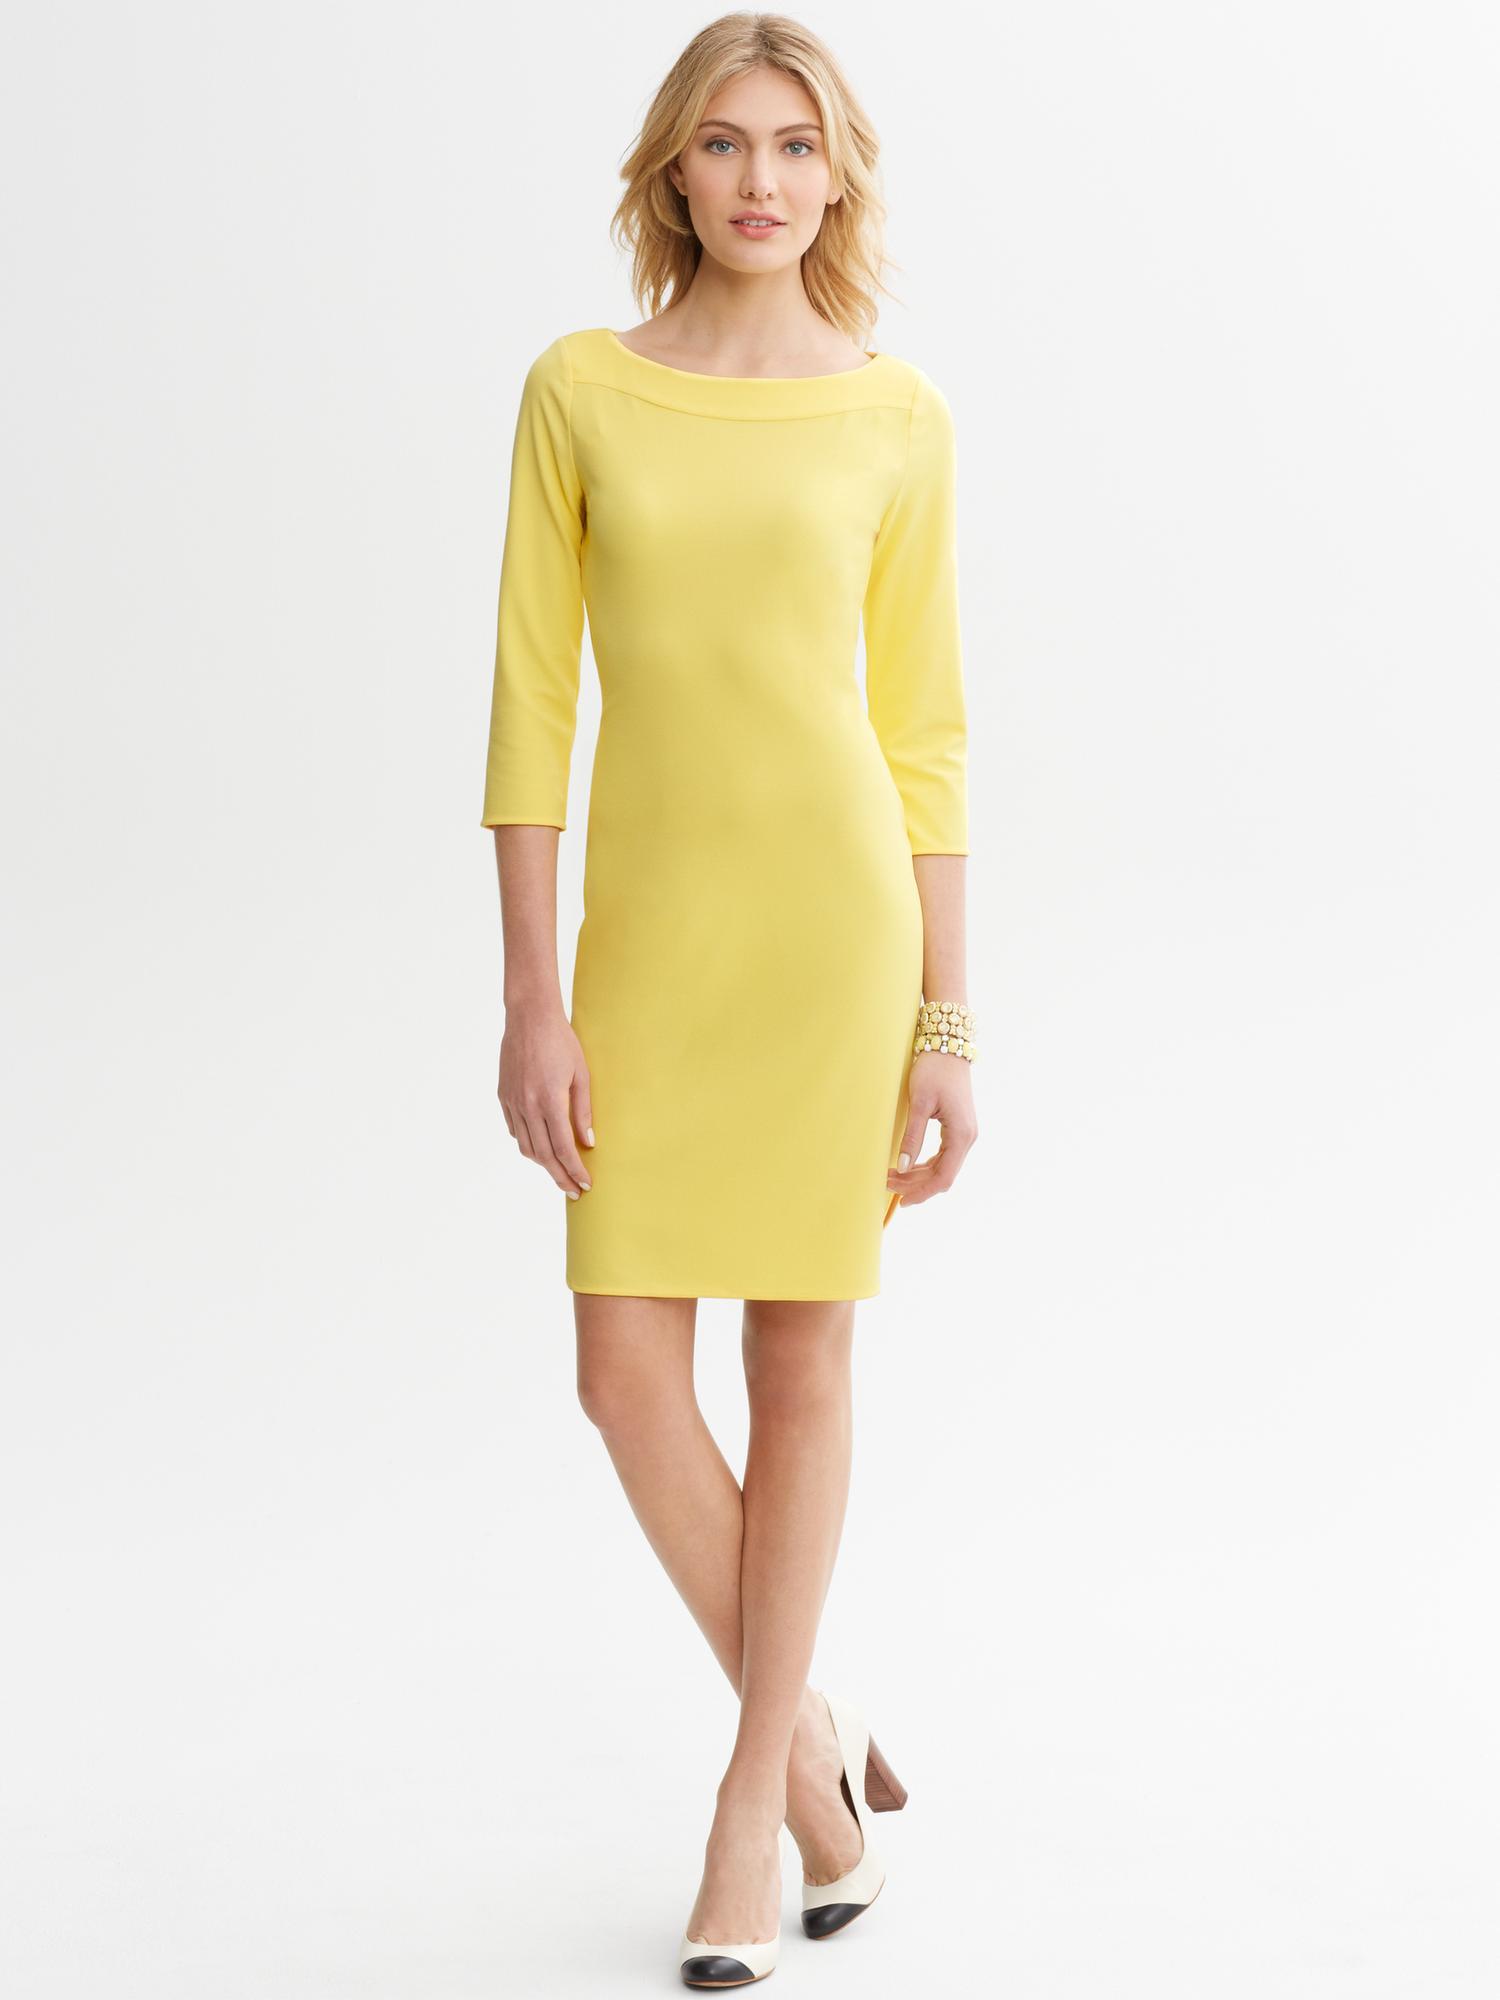 Banana Republic Open Back Dress In Yellow Lyst